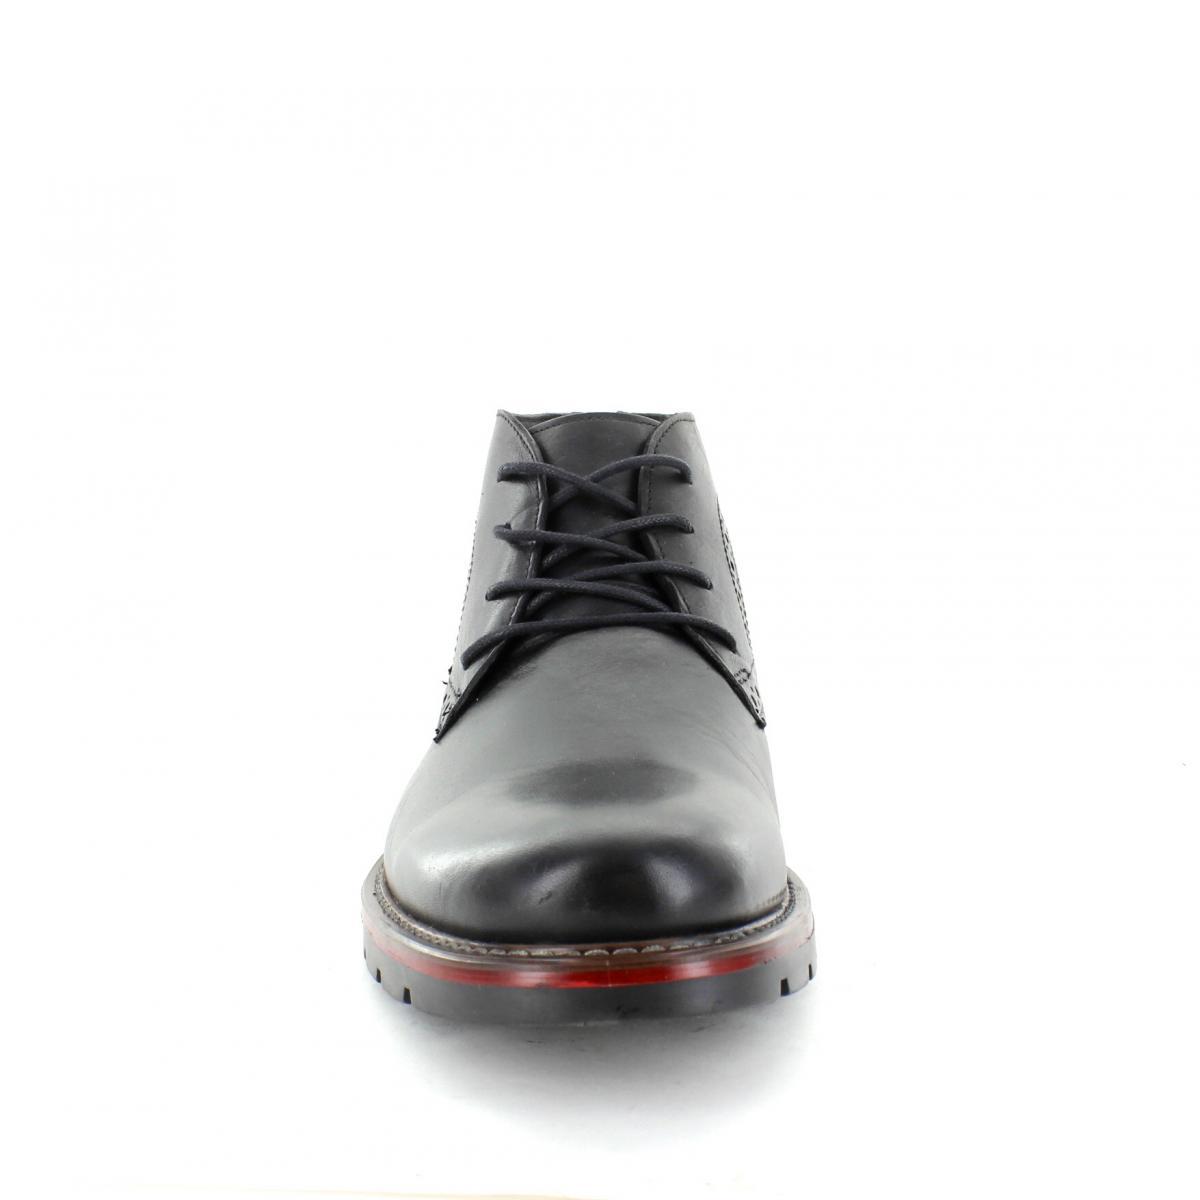 f00e8a7eba2 Botin marca Quirelli (anterior) modelo 88603 Color Negro